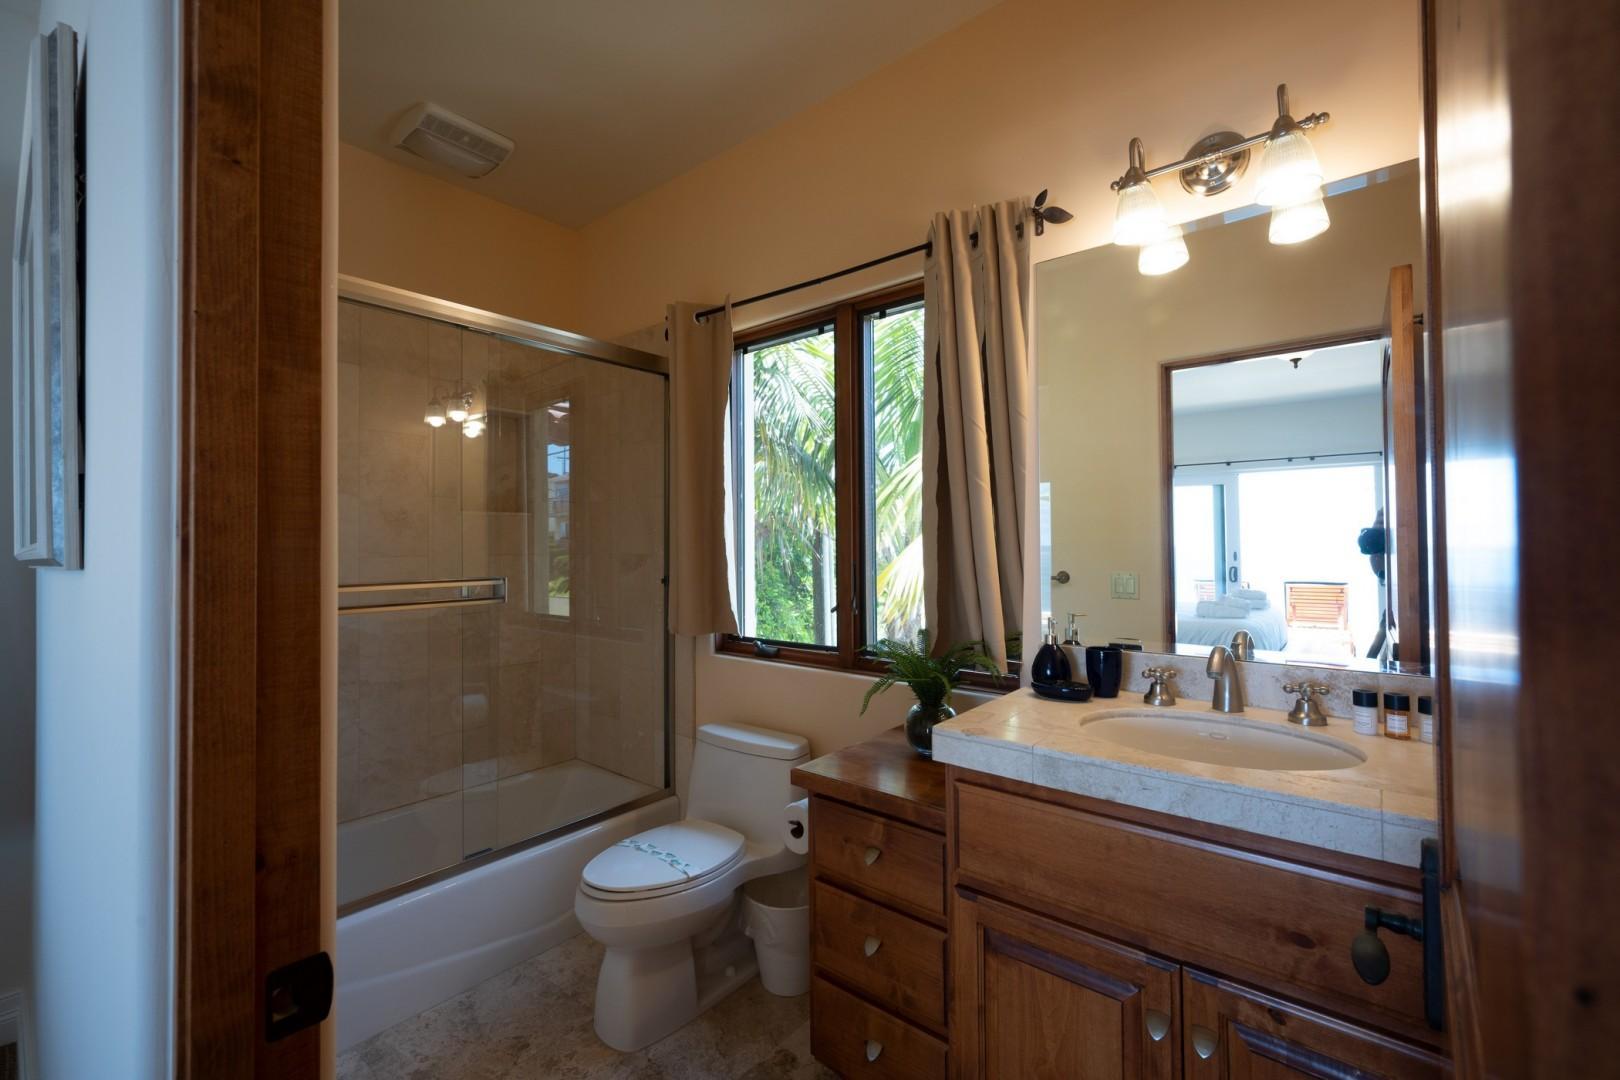 5556-Calumet-Ave-Airbnb-14